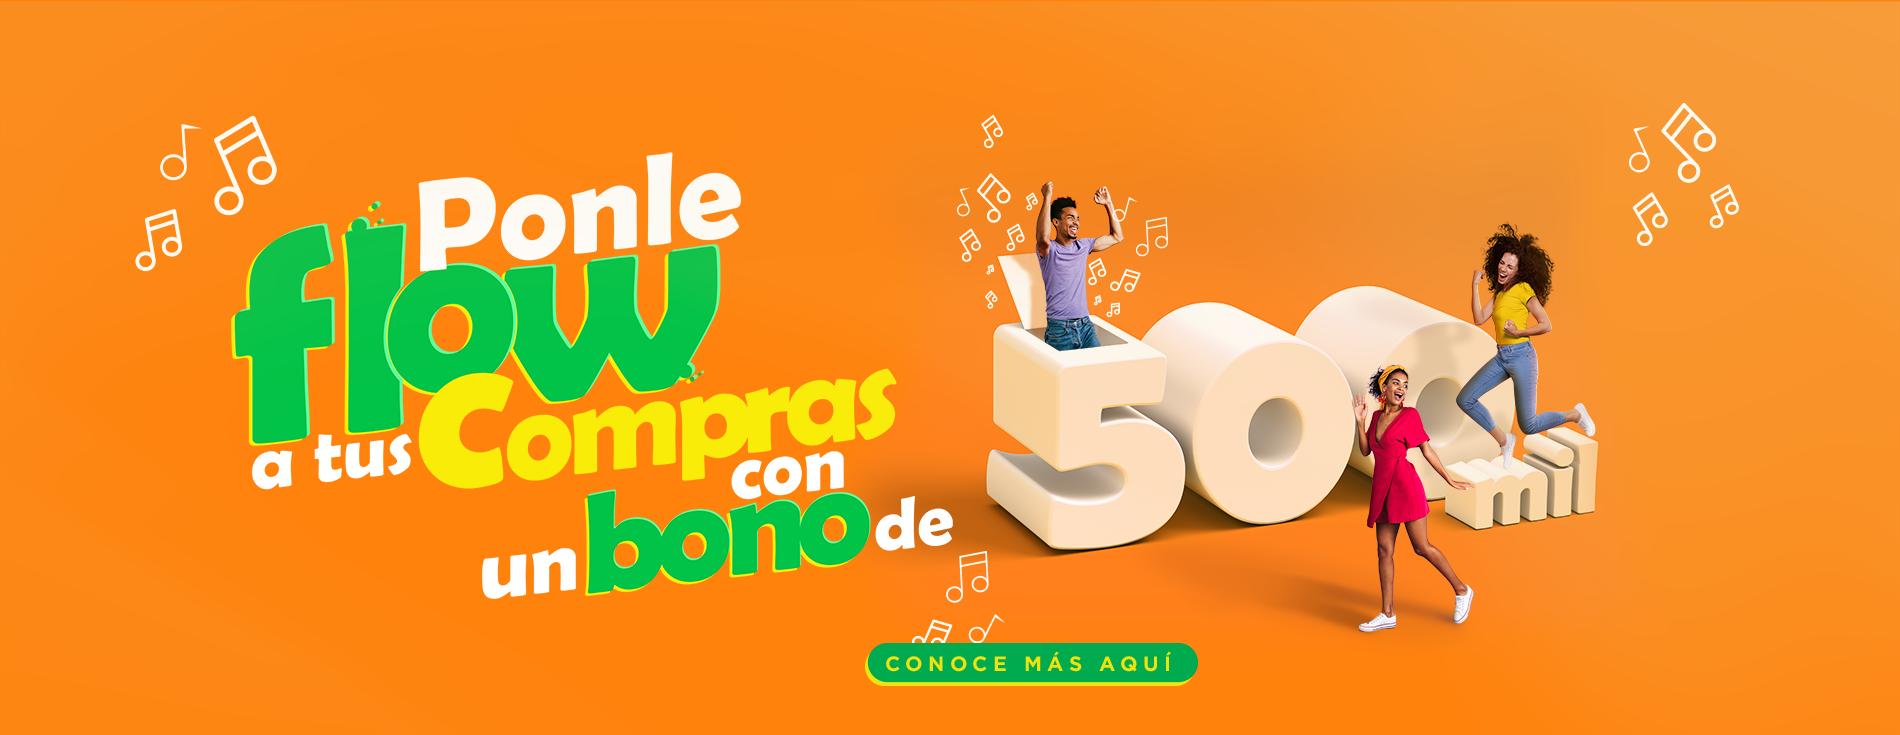 Ponle Flow a tus compras - Buenaventura